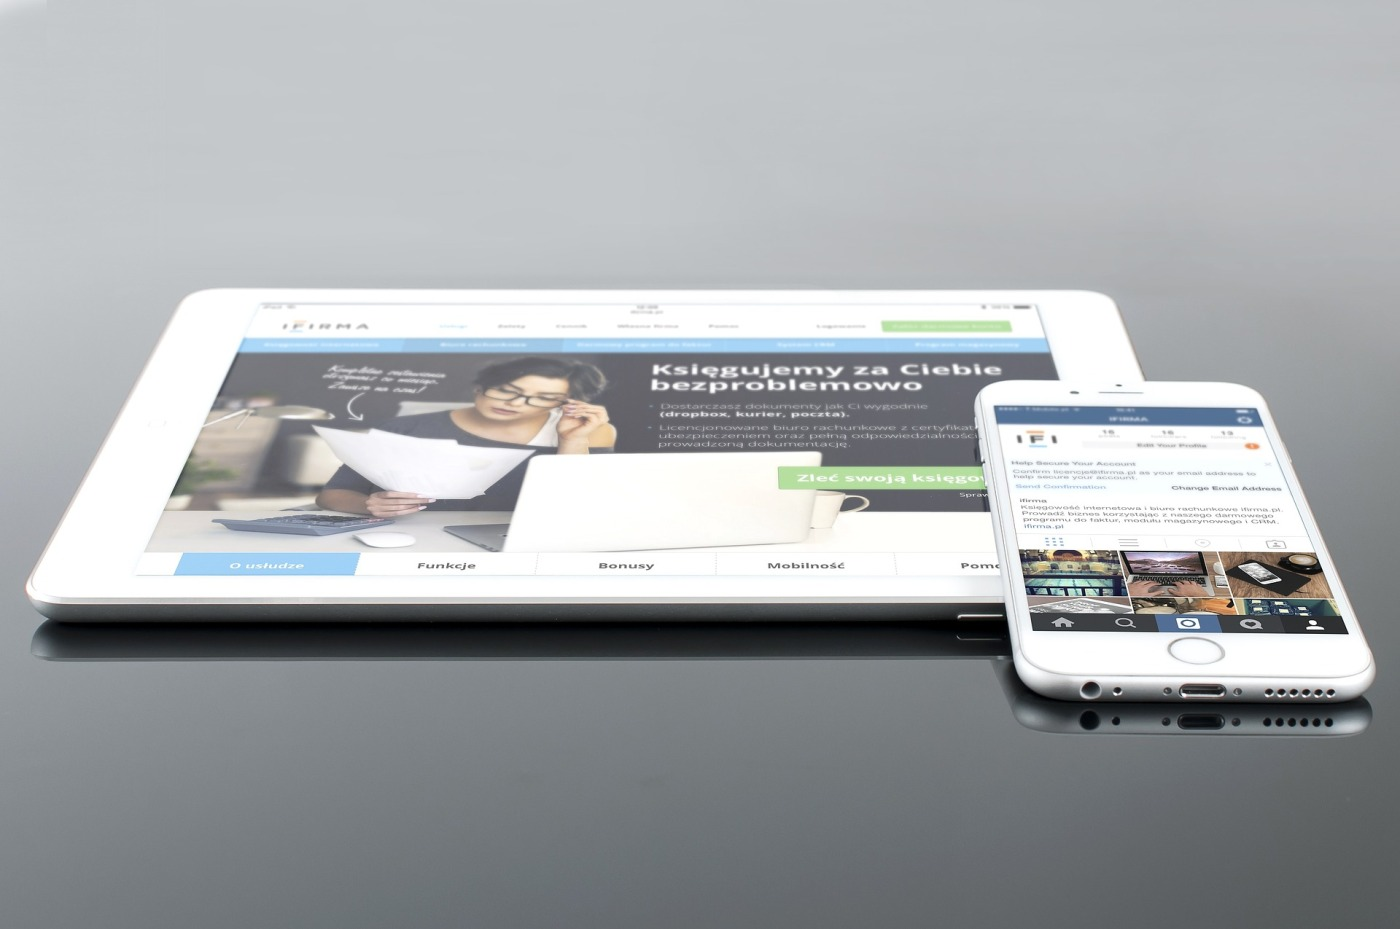 Web Design Consult Corporates